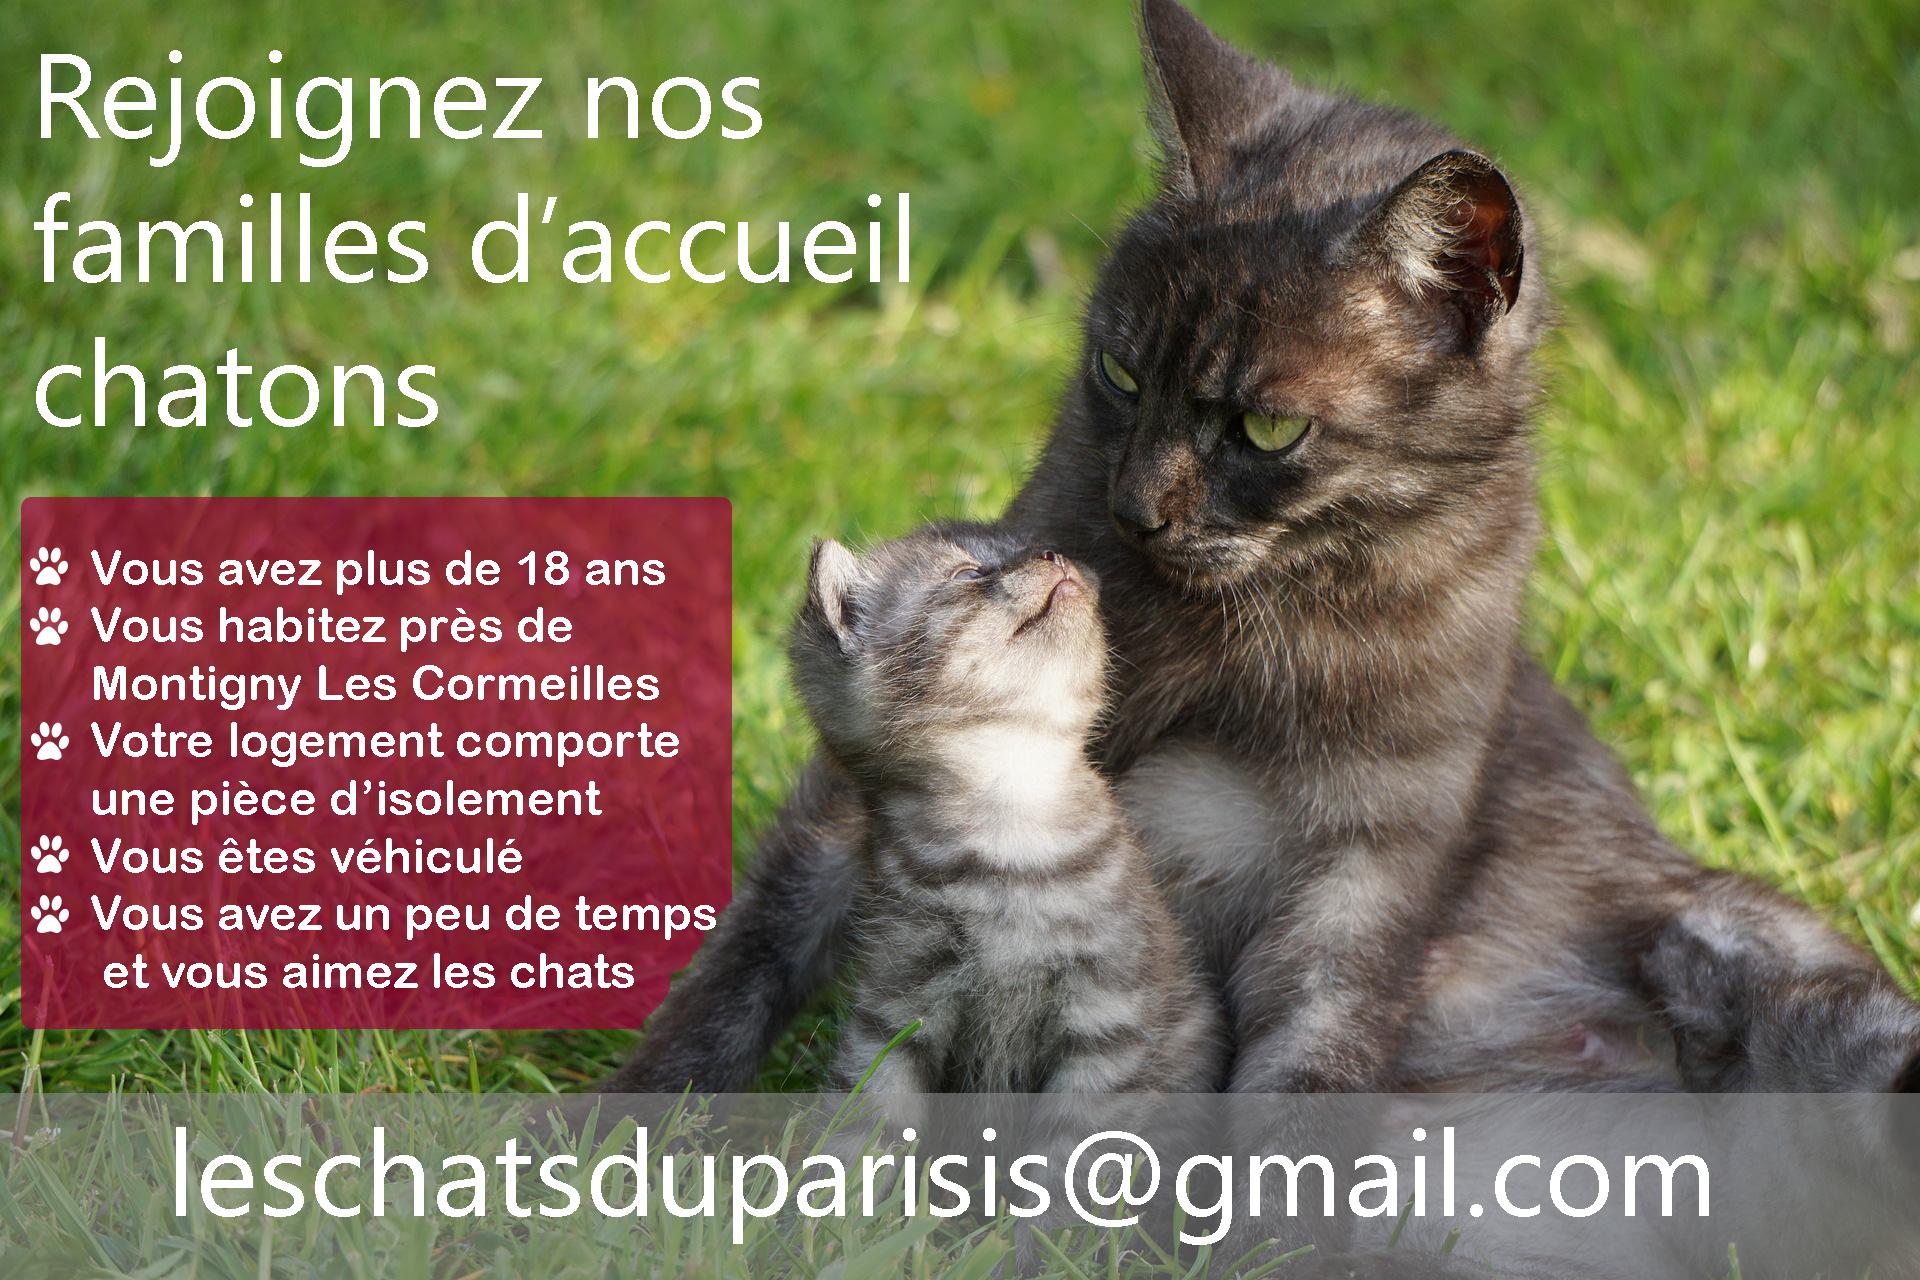 Rejoignez nos familles d'accueil chatons du val d'Oise